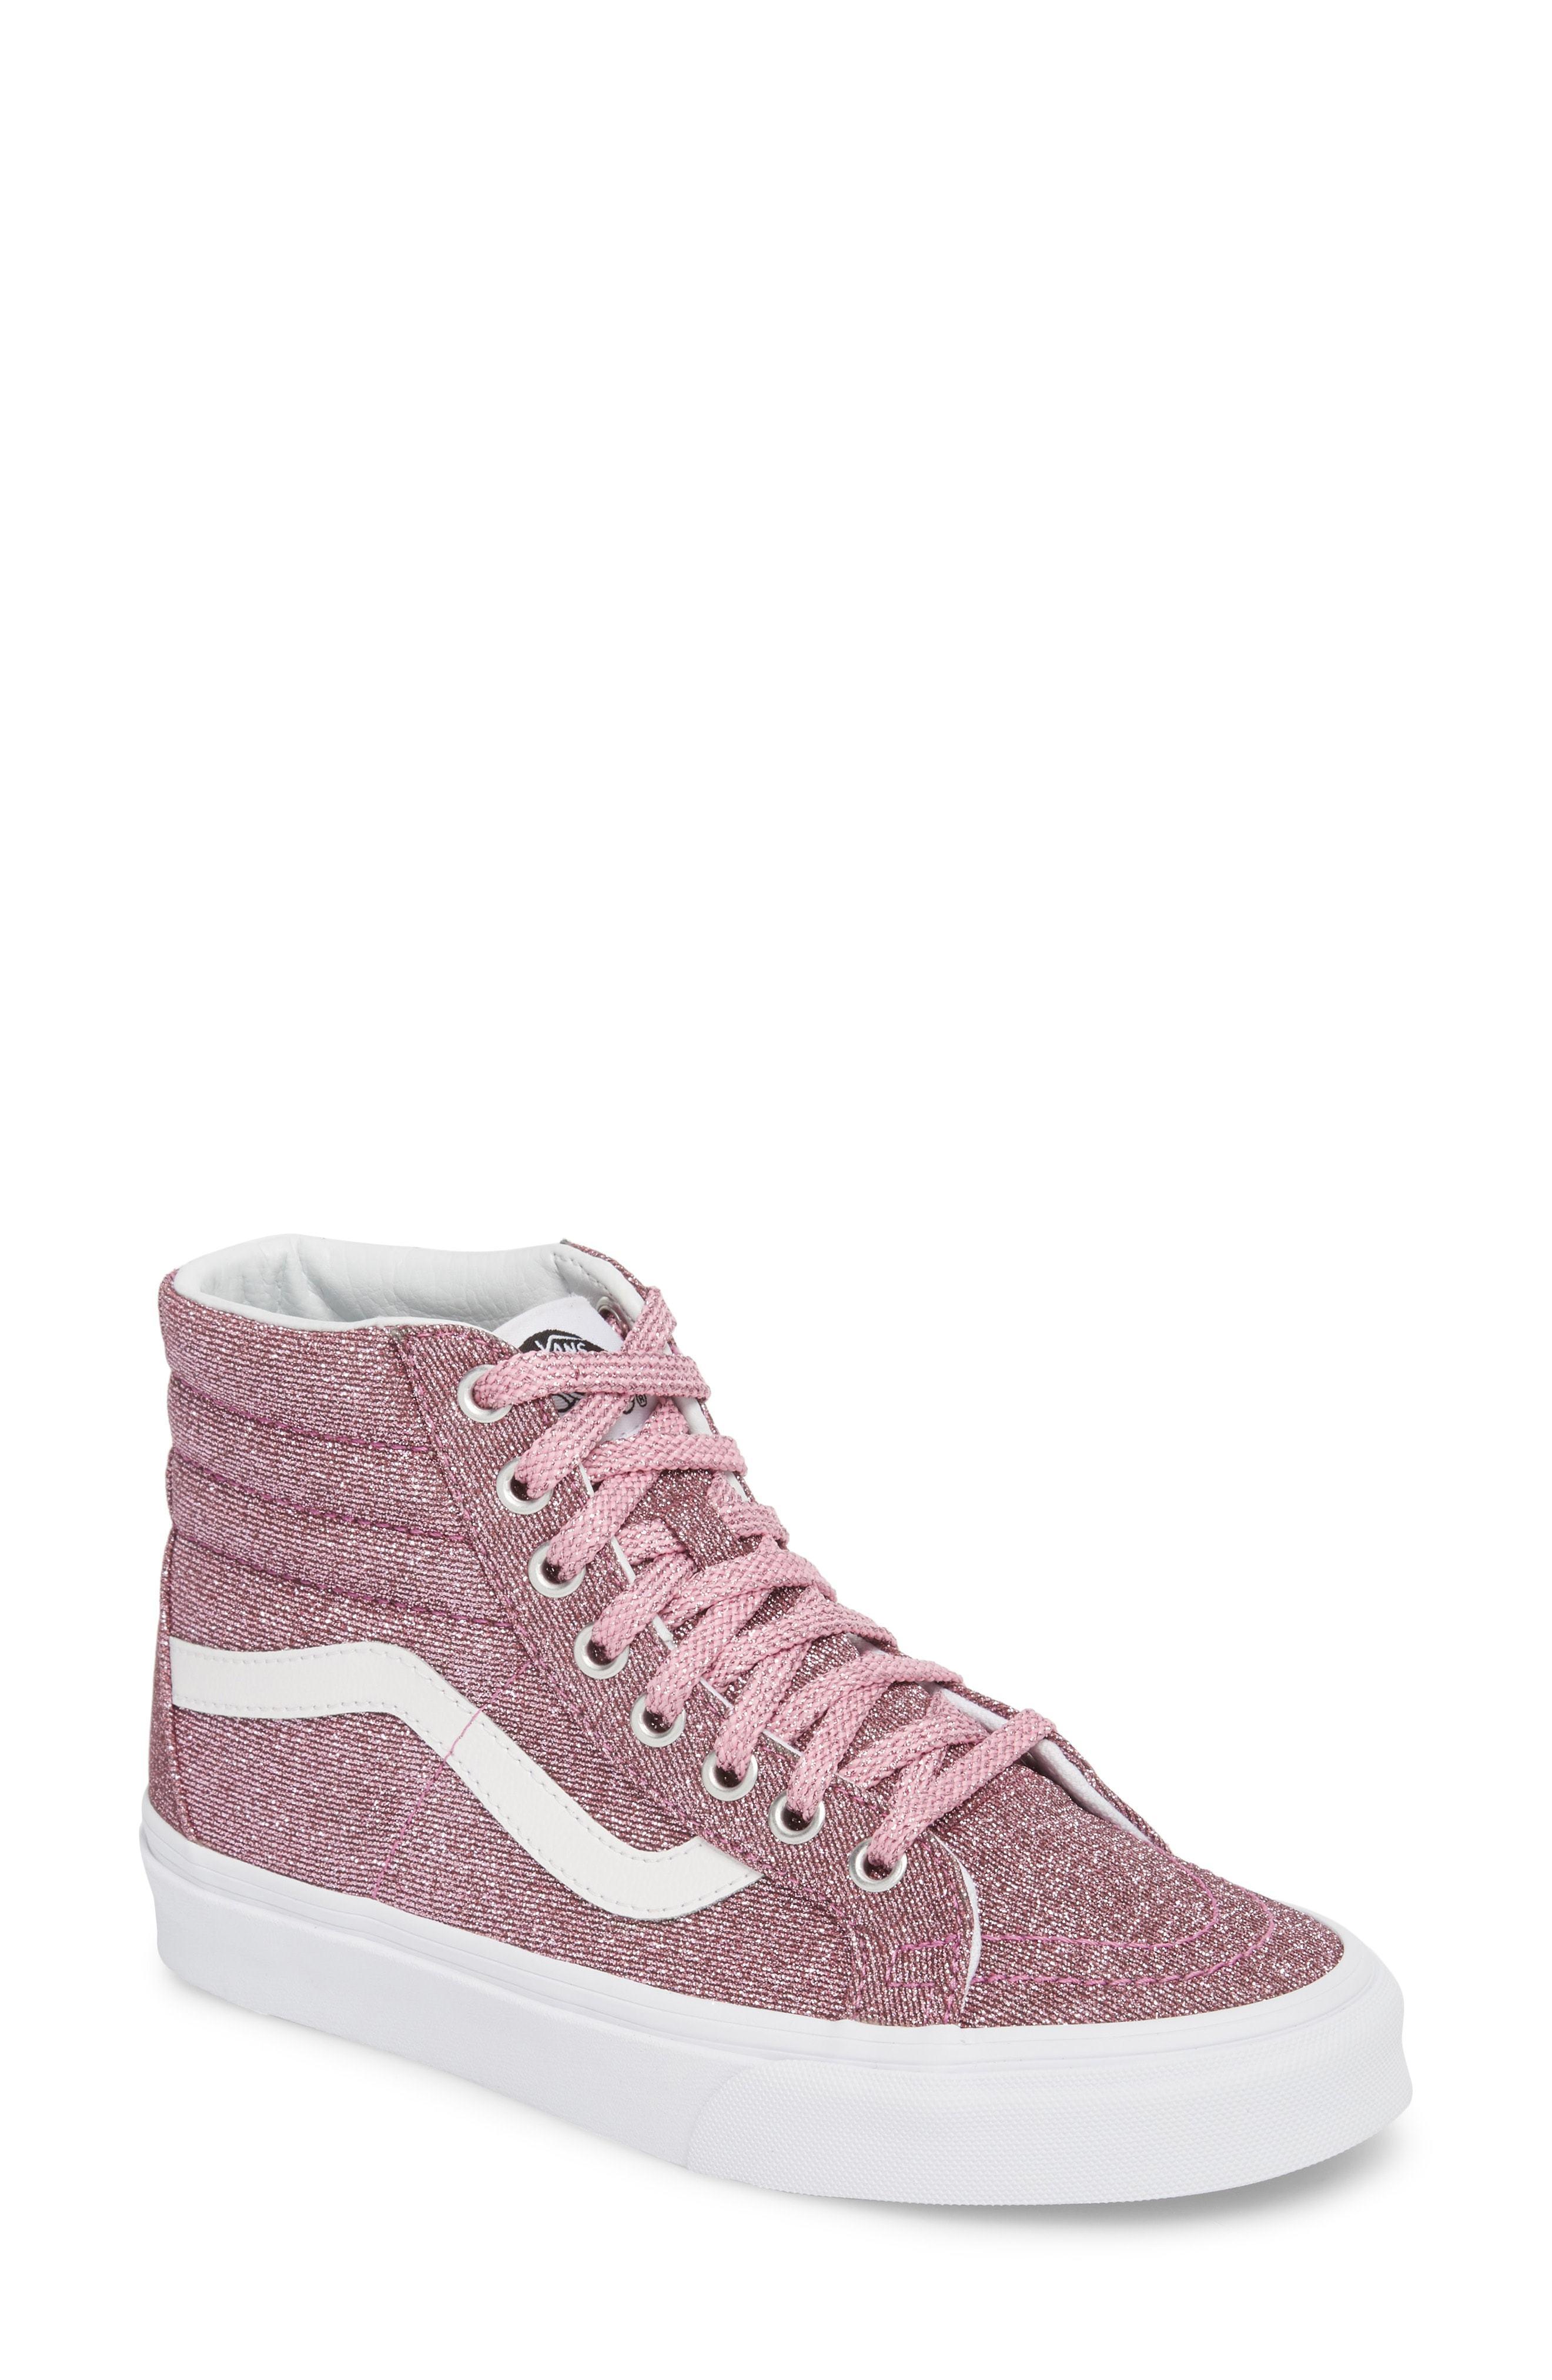 5c9575d2f13 ... Vans Ua Sk8 Hi Reissue Glitter Sneaker